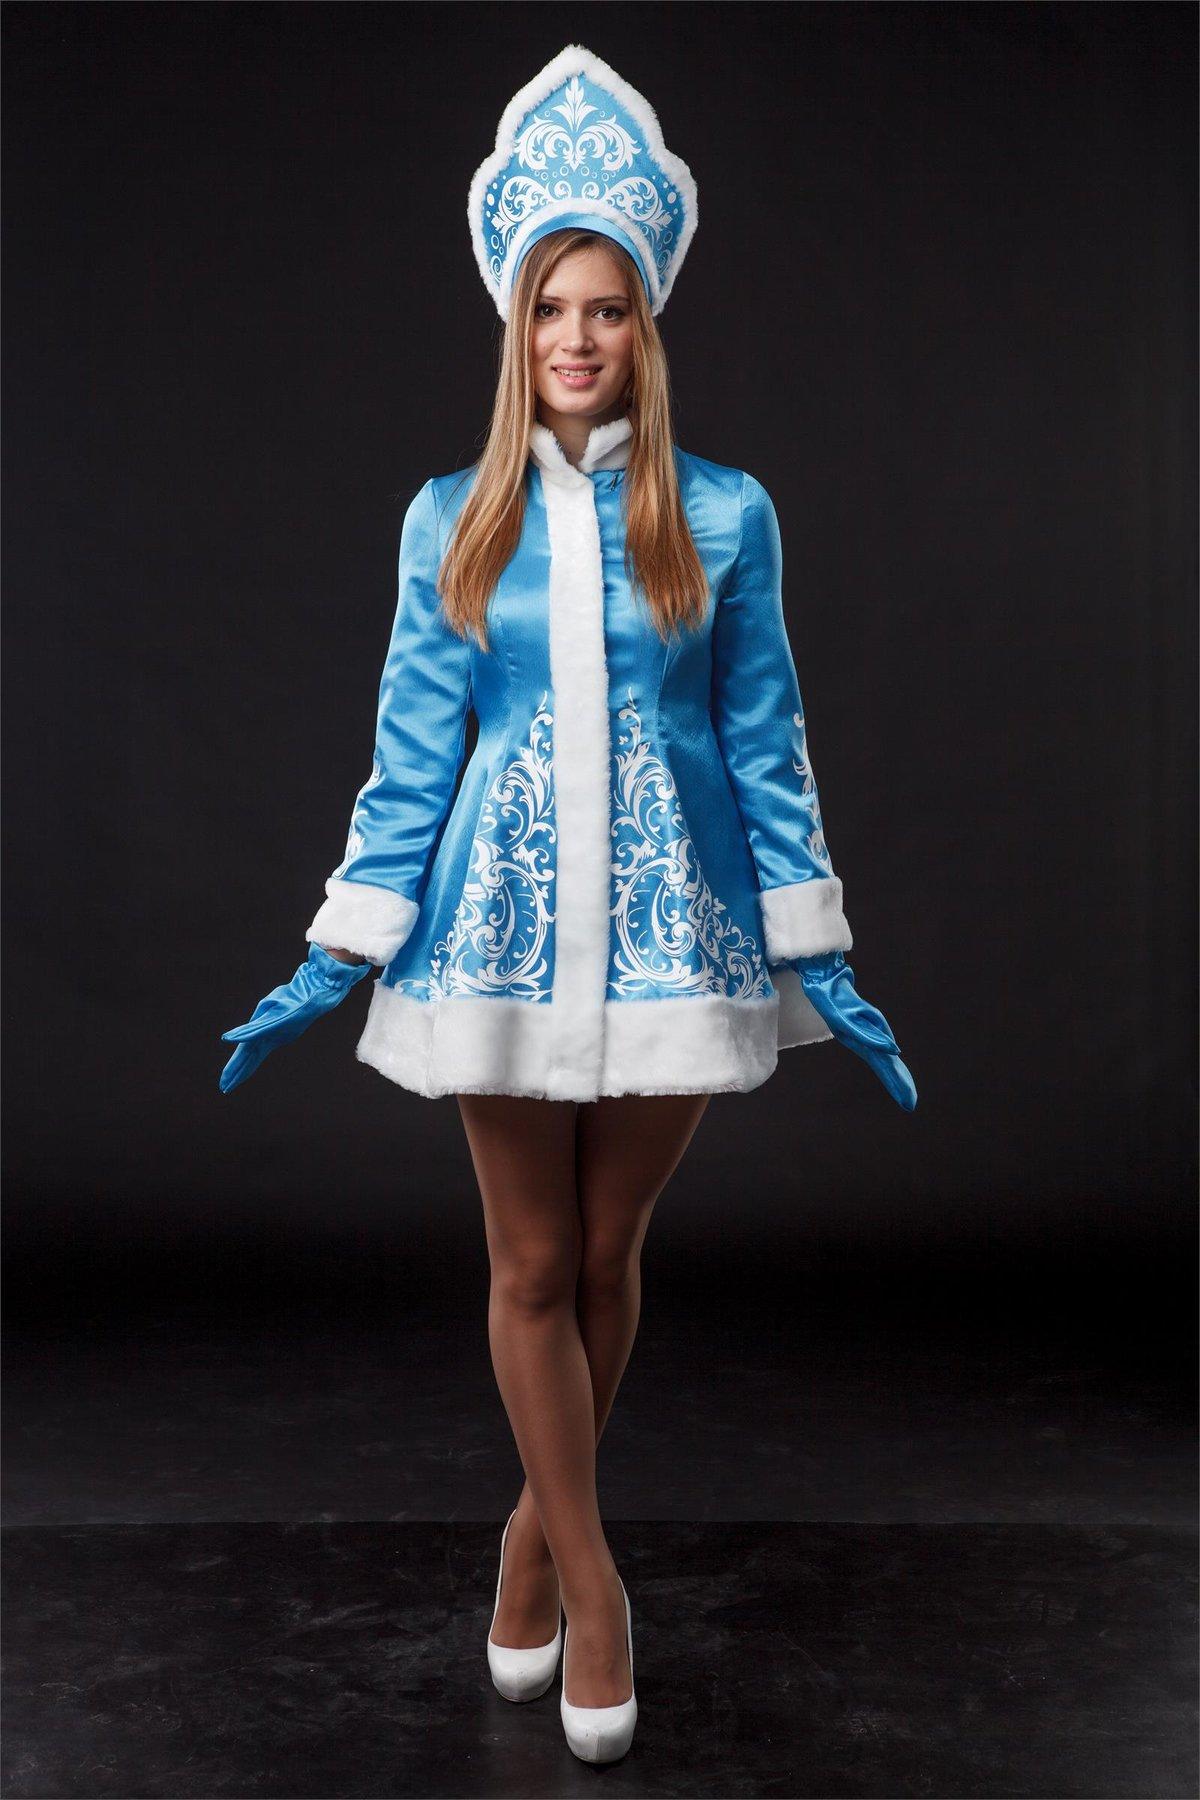 зеленый теплый купить костюм снегурочки в иваново сентябре